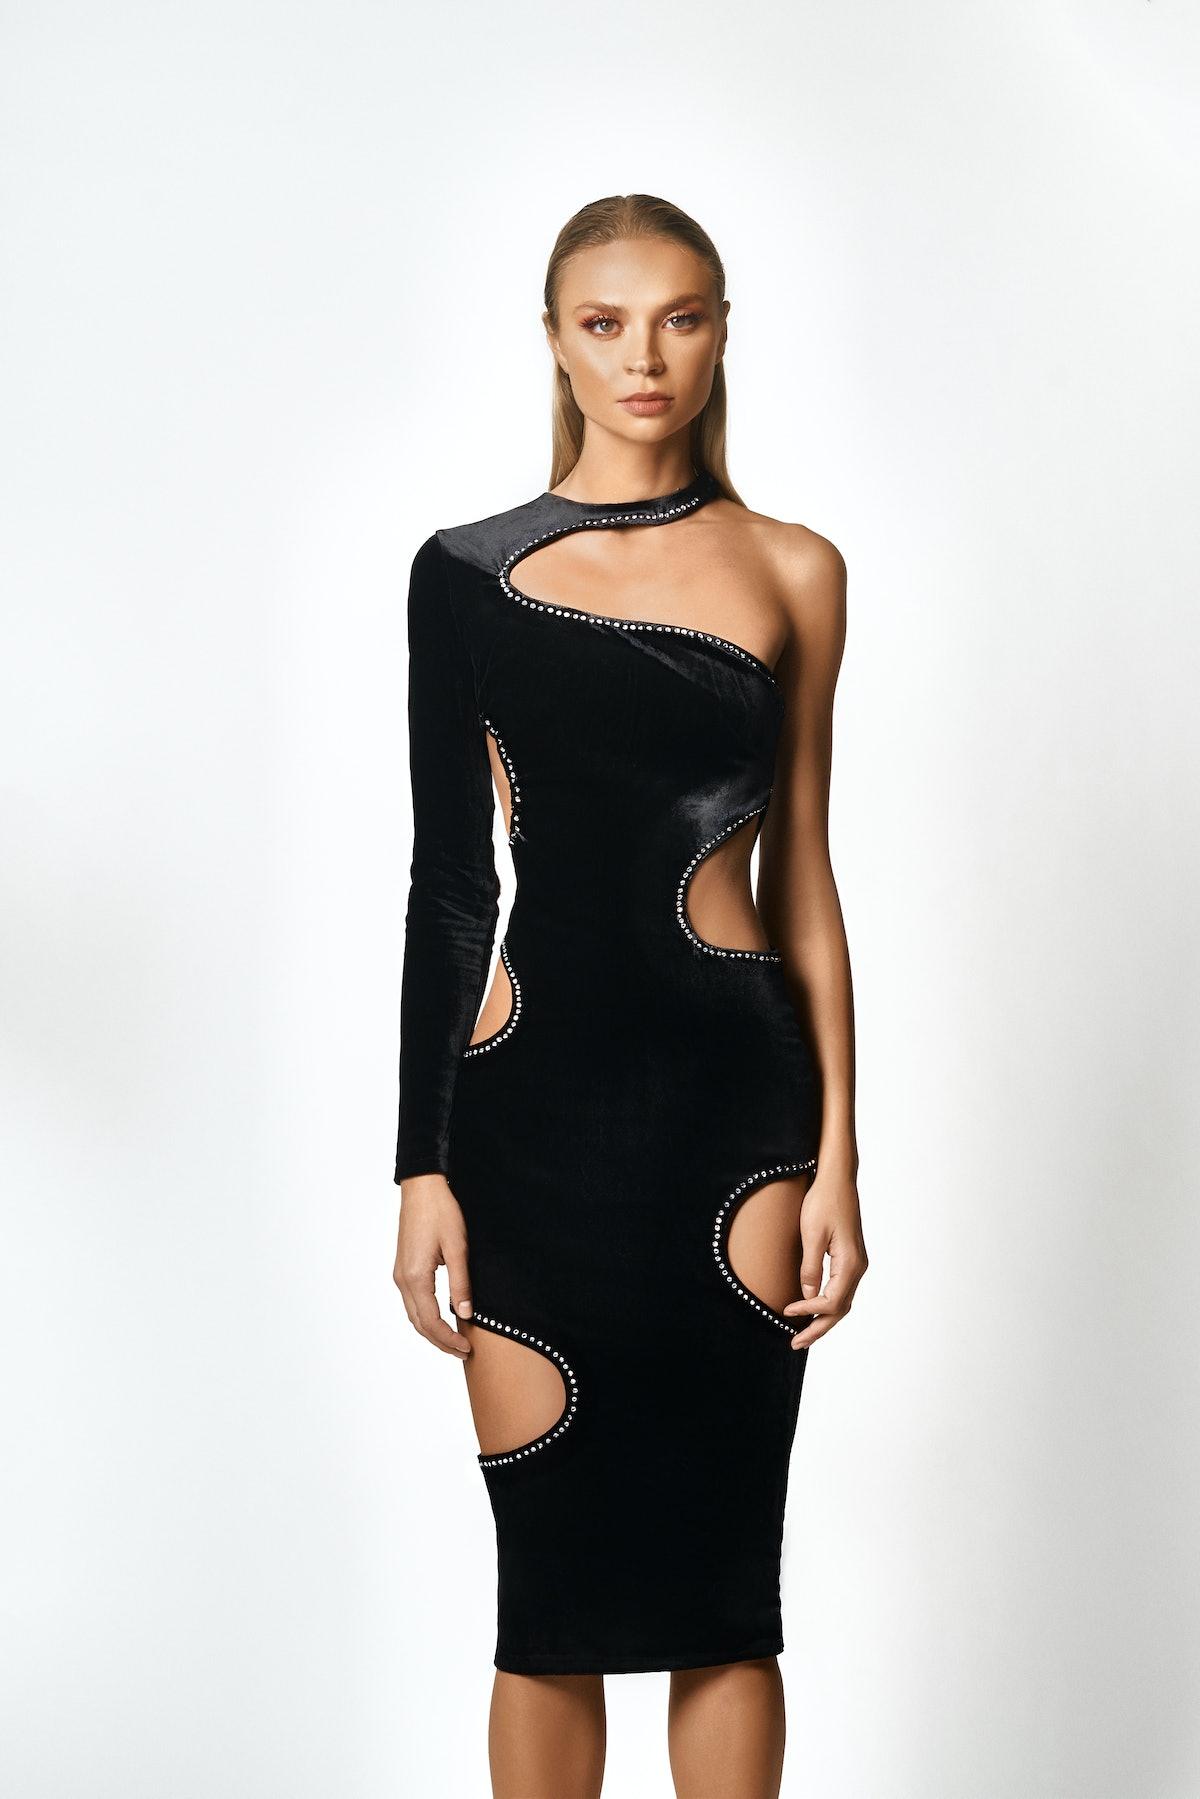 ONKARRI's mid cutout Swarovski crystal black dress.